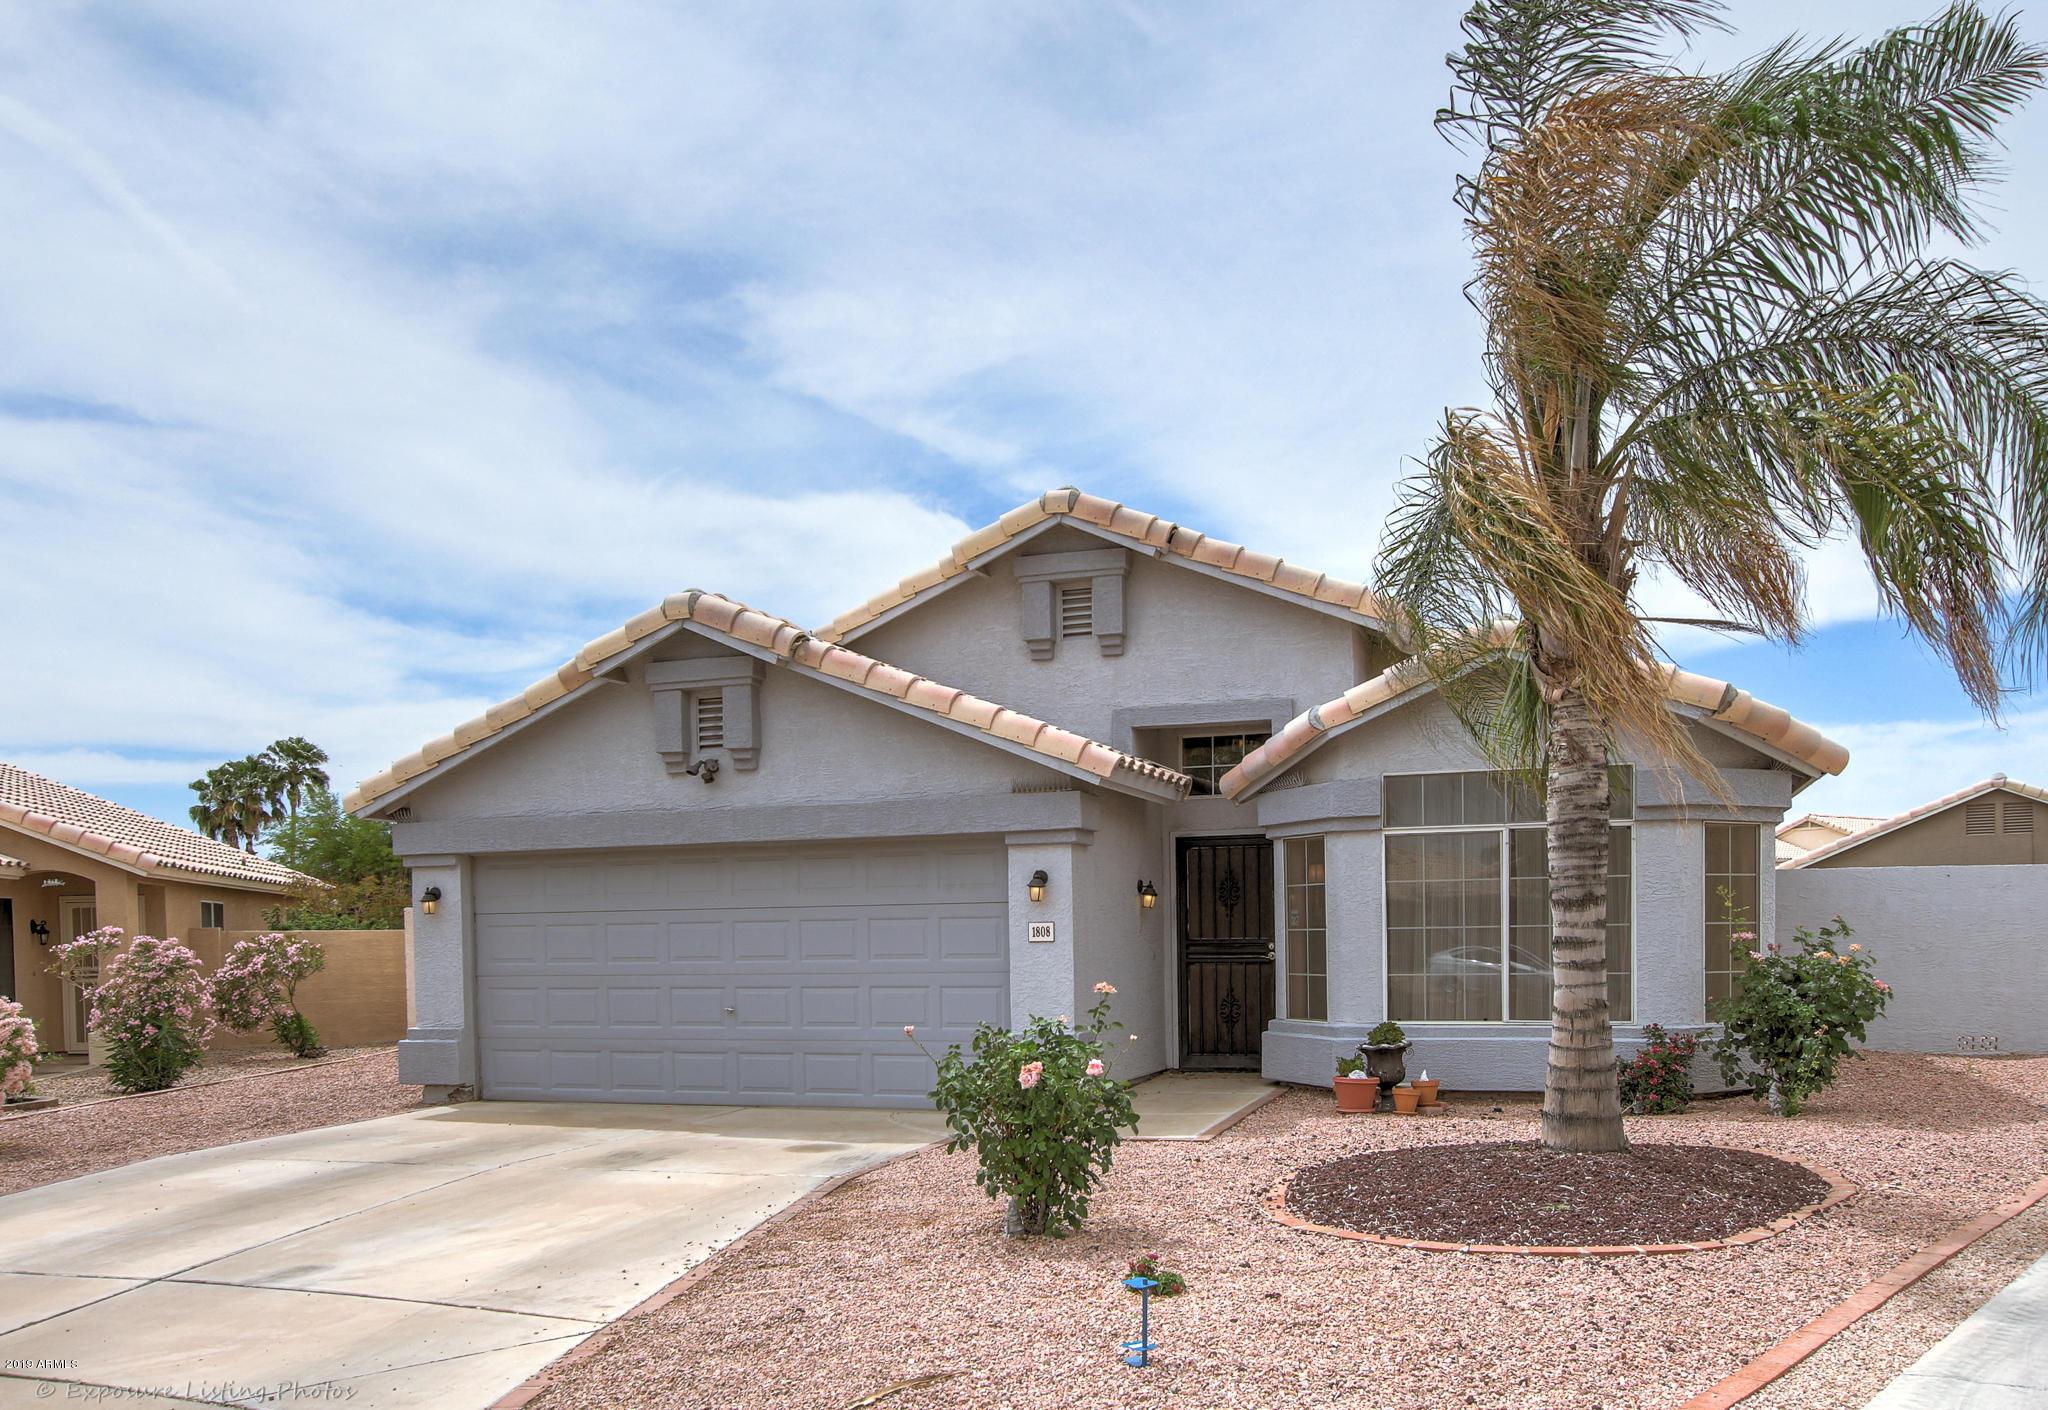 Photo of 1808 S BRIGHTON Circle, Mesa, AZ 85209